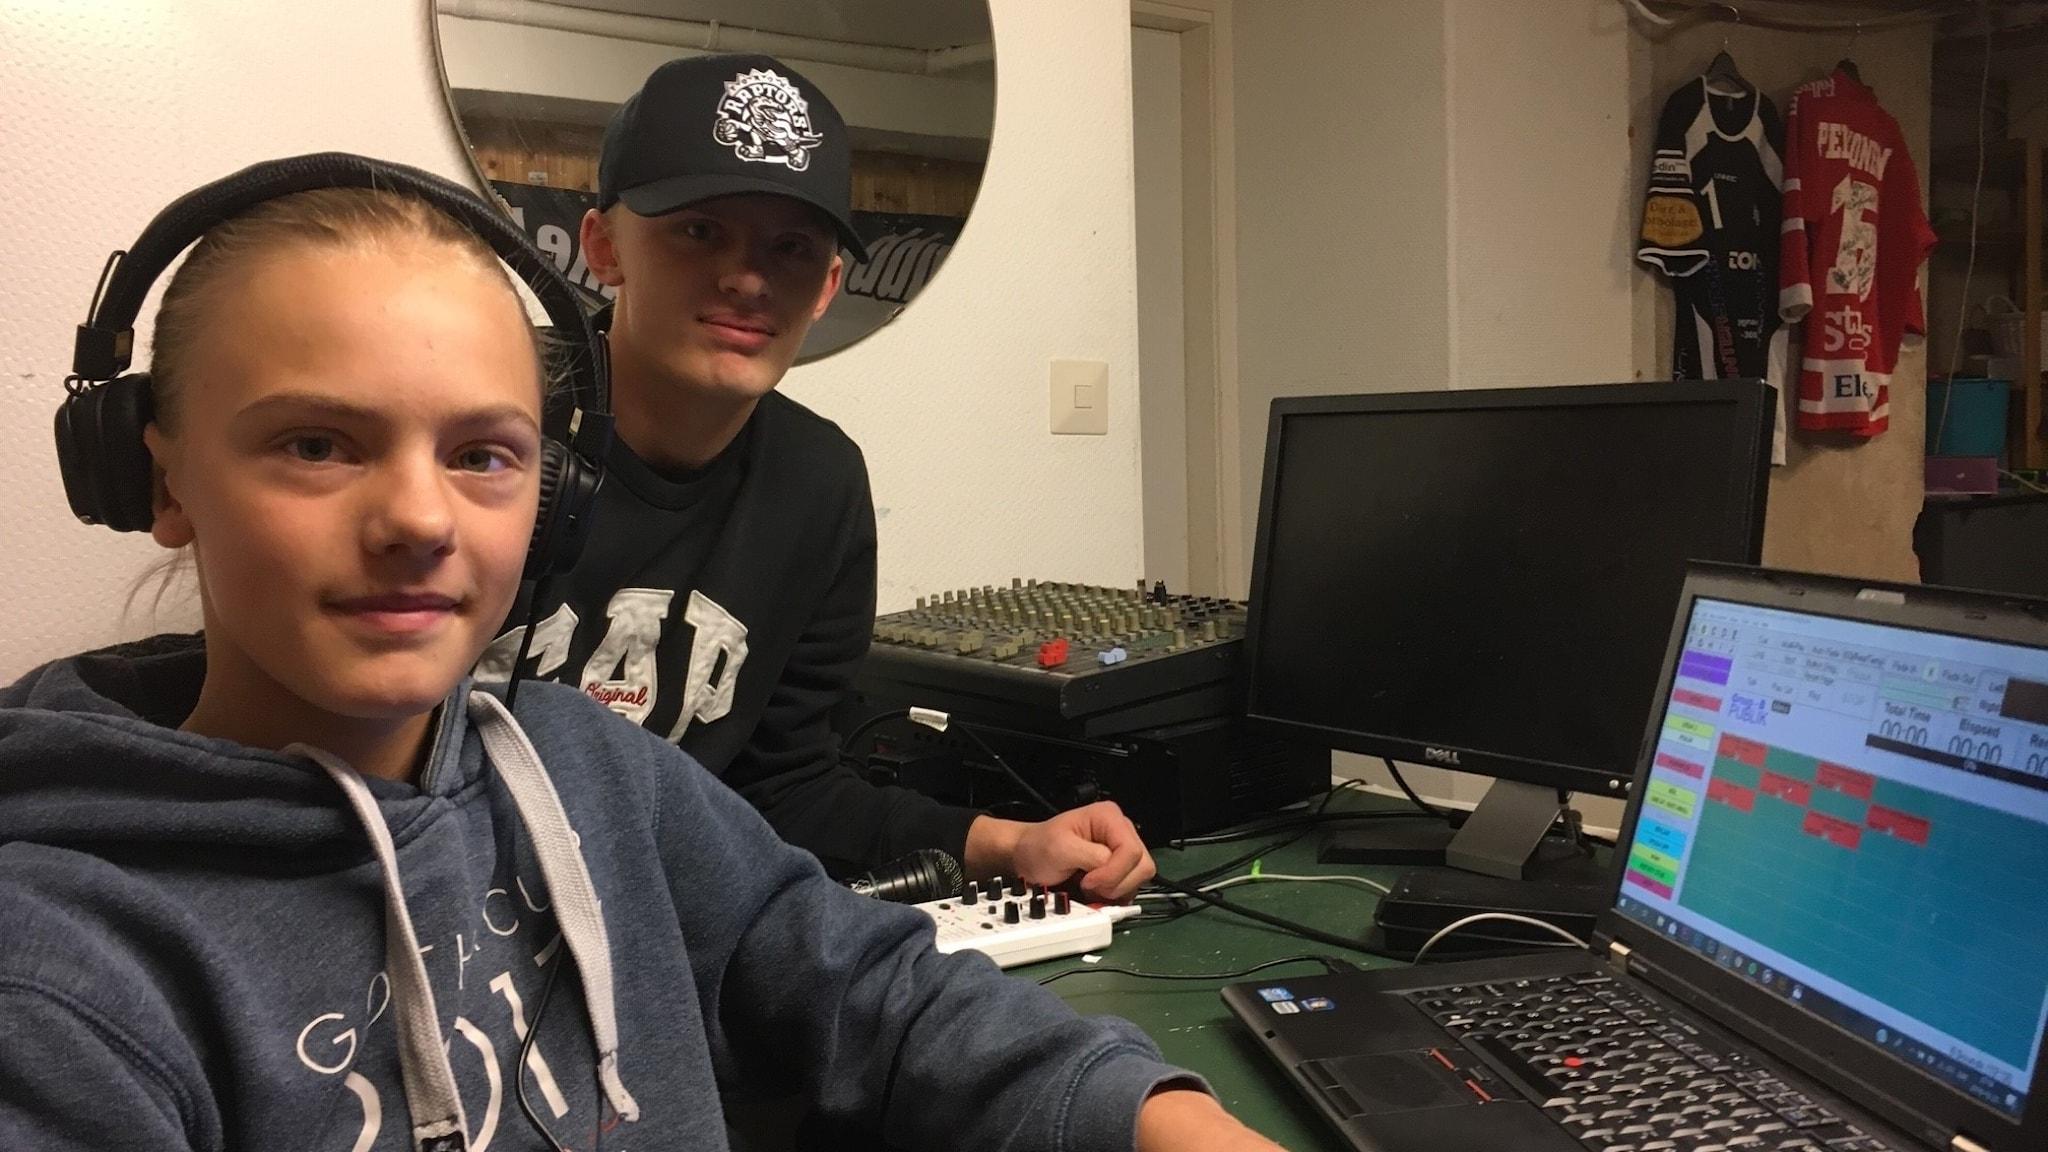 Max och Måns sitter vid flera skärmar där de mixar musik.